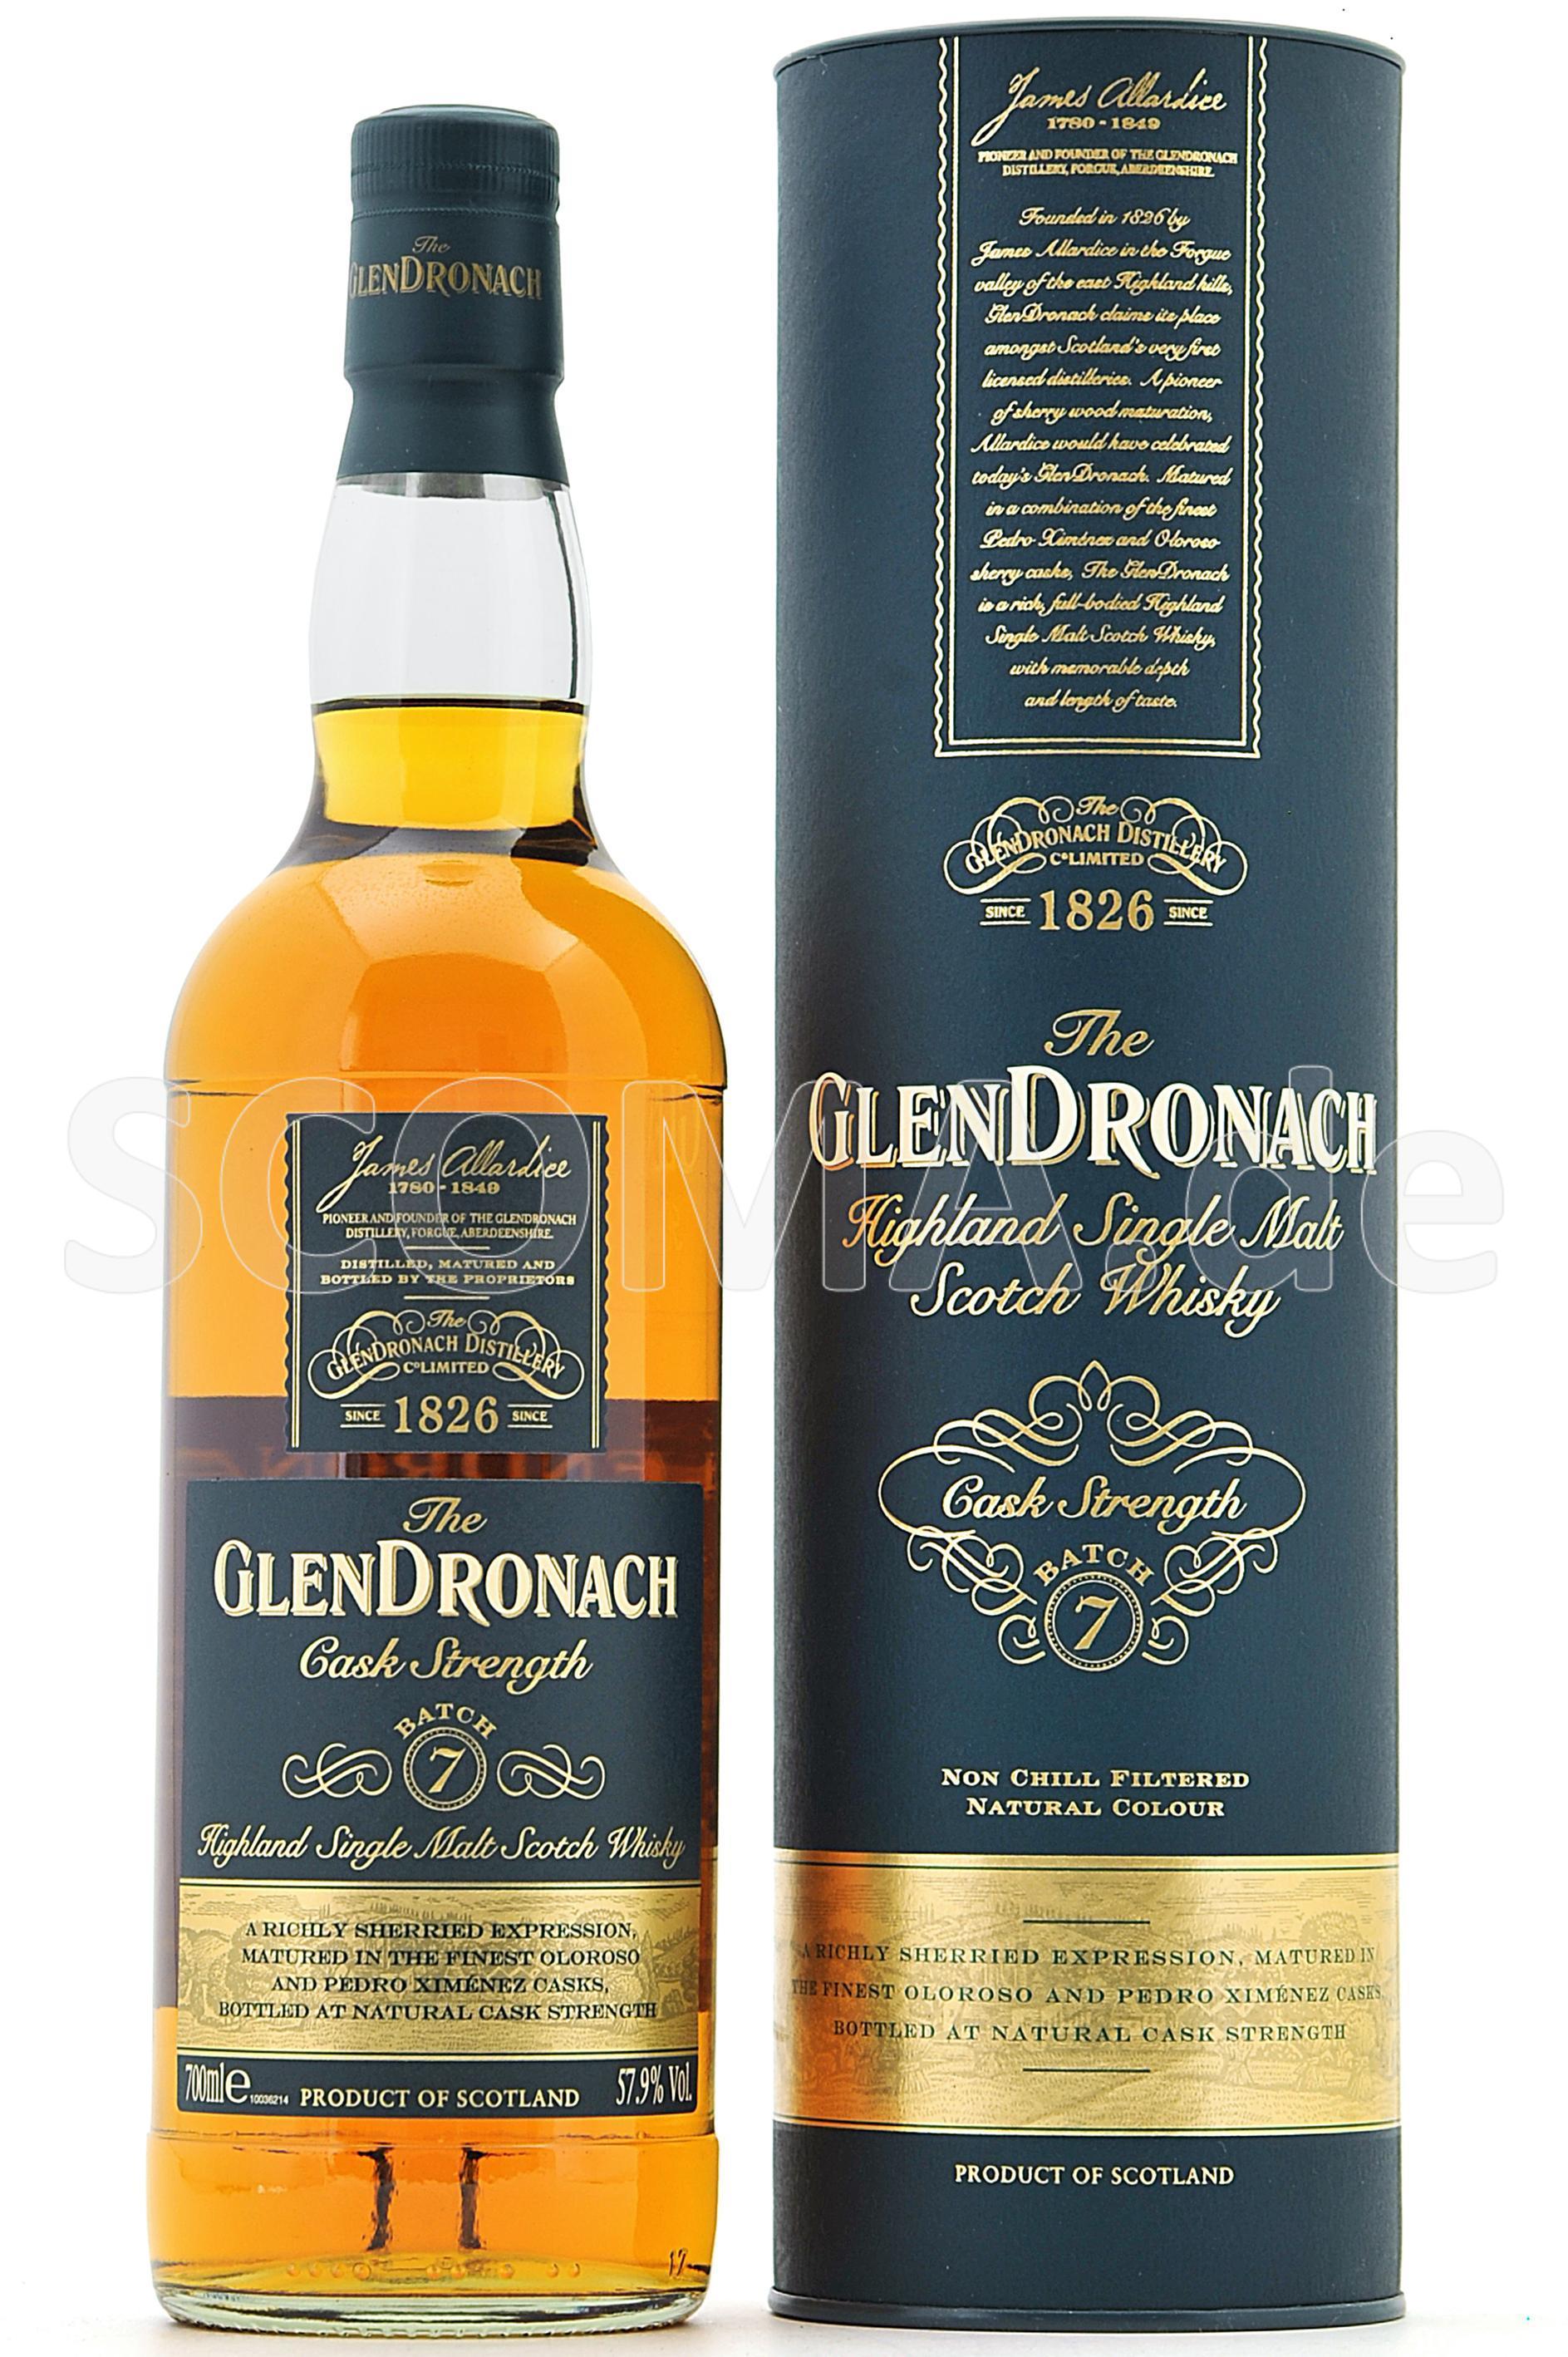 GlenDronach Cask Strength